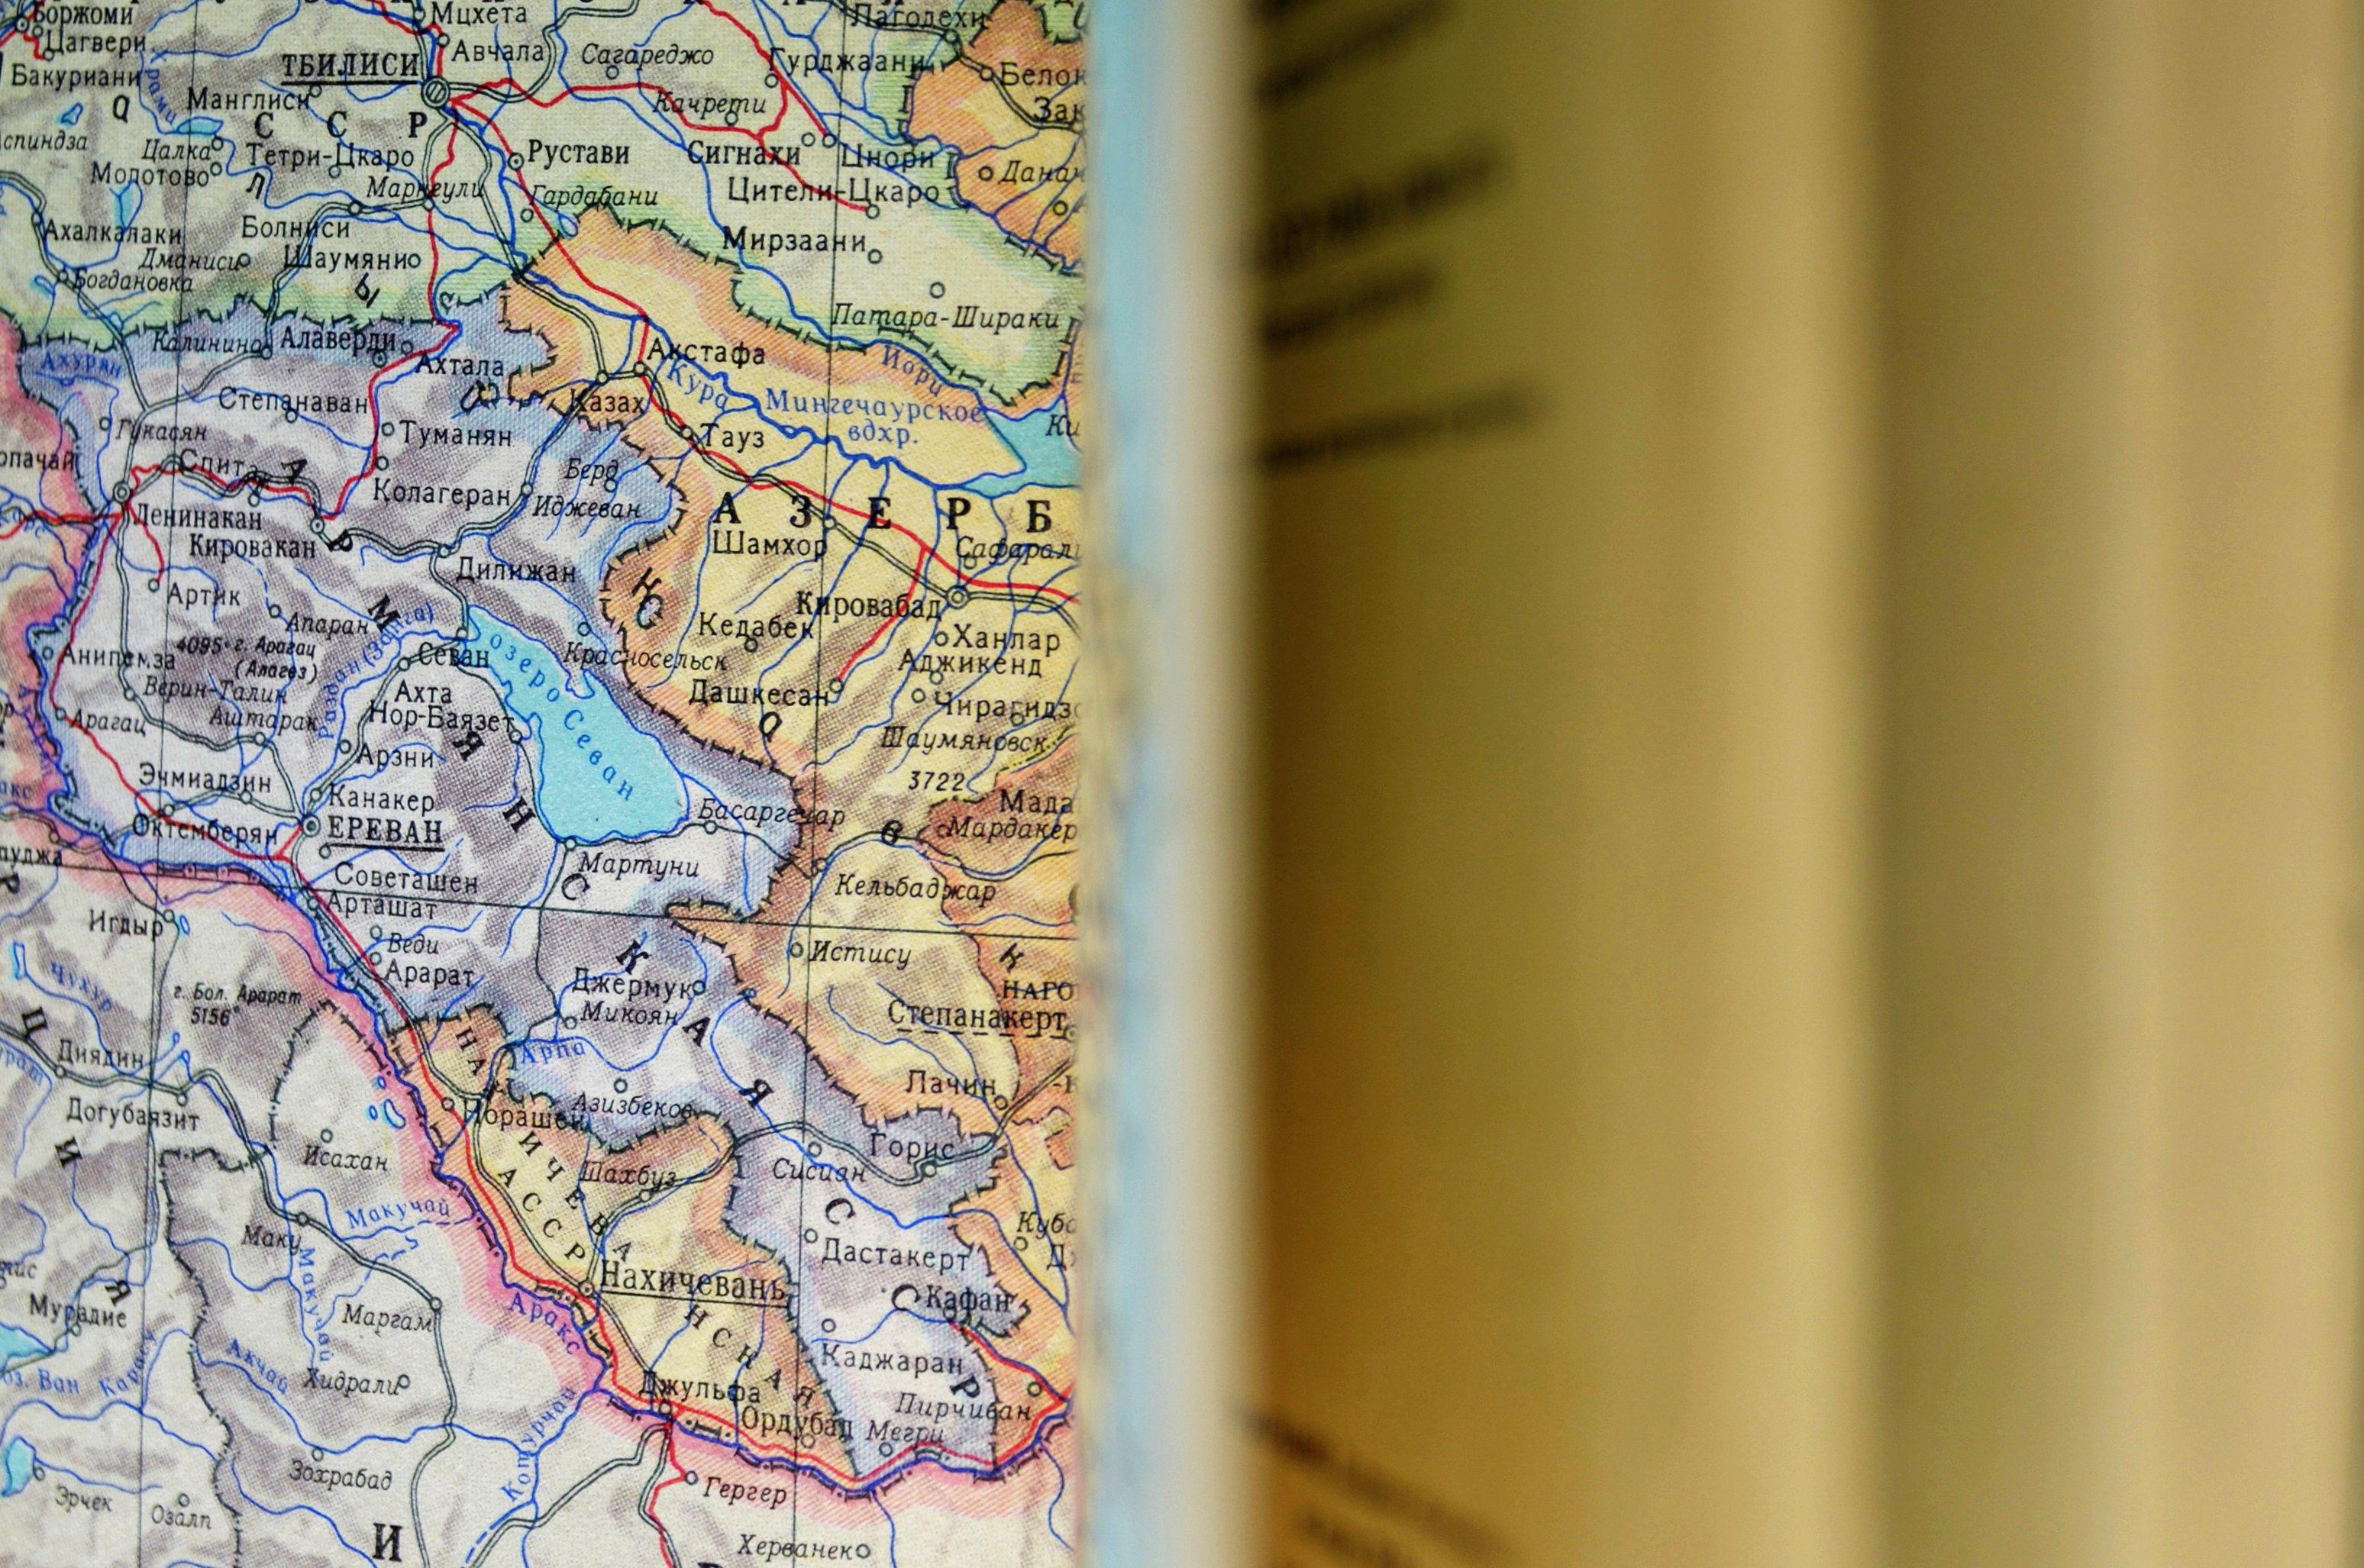 Viaggio Via Terra: da Amsterdam all'Armenia